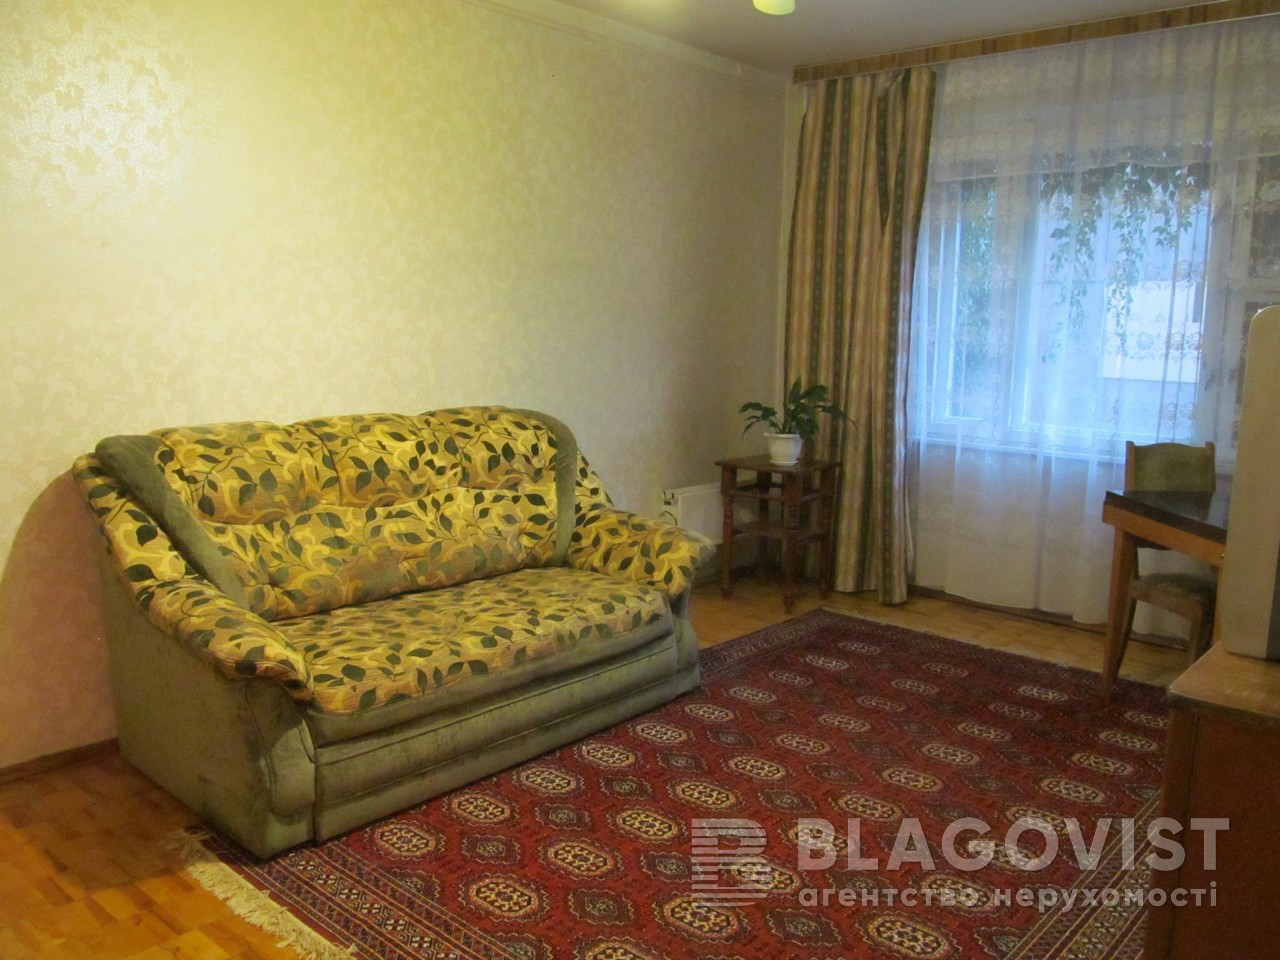 Квартира R-19490, Черновола Вячеслава, 8, Киев - Фото 5